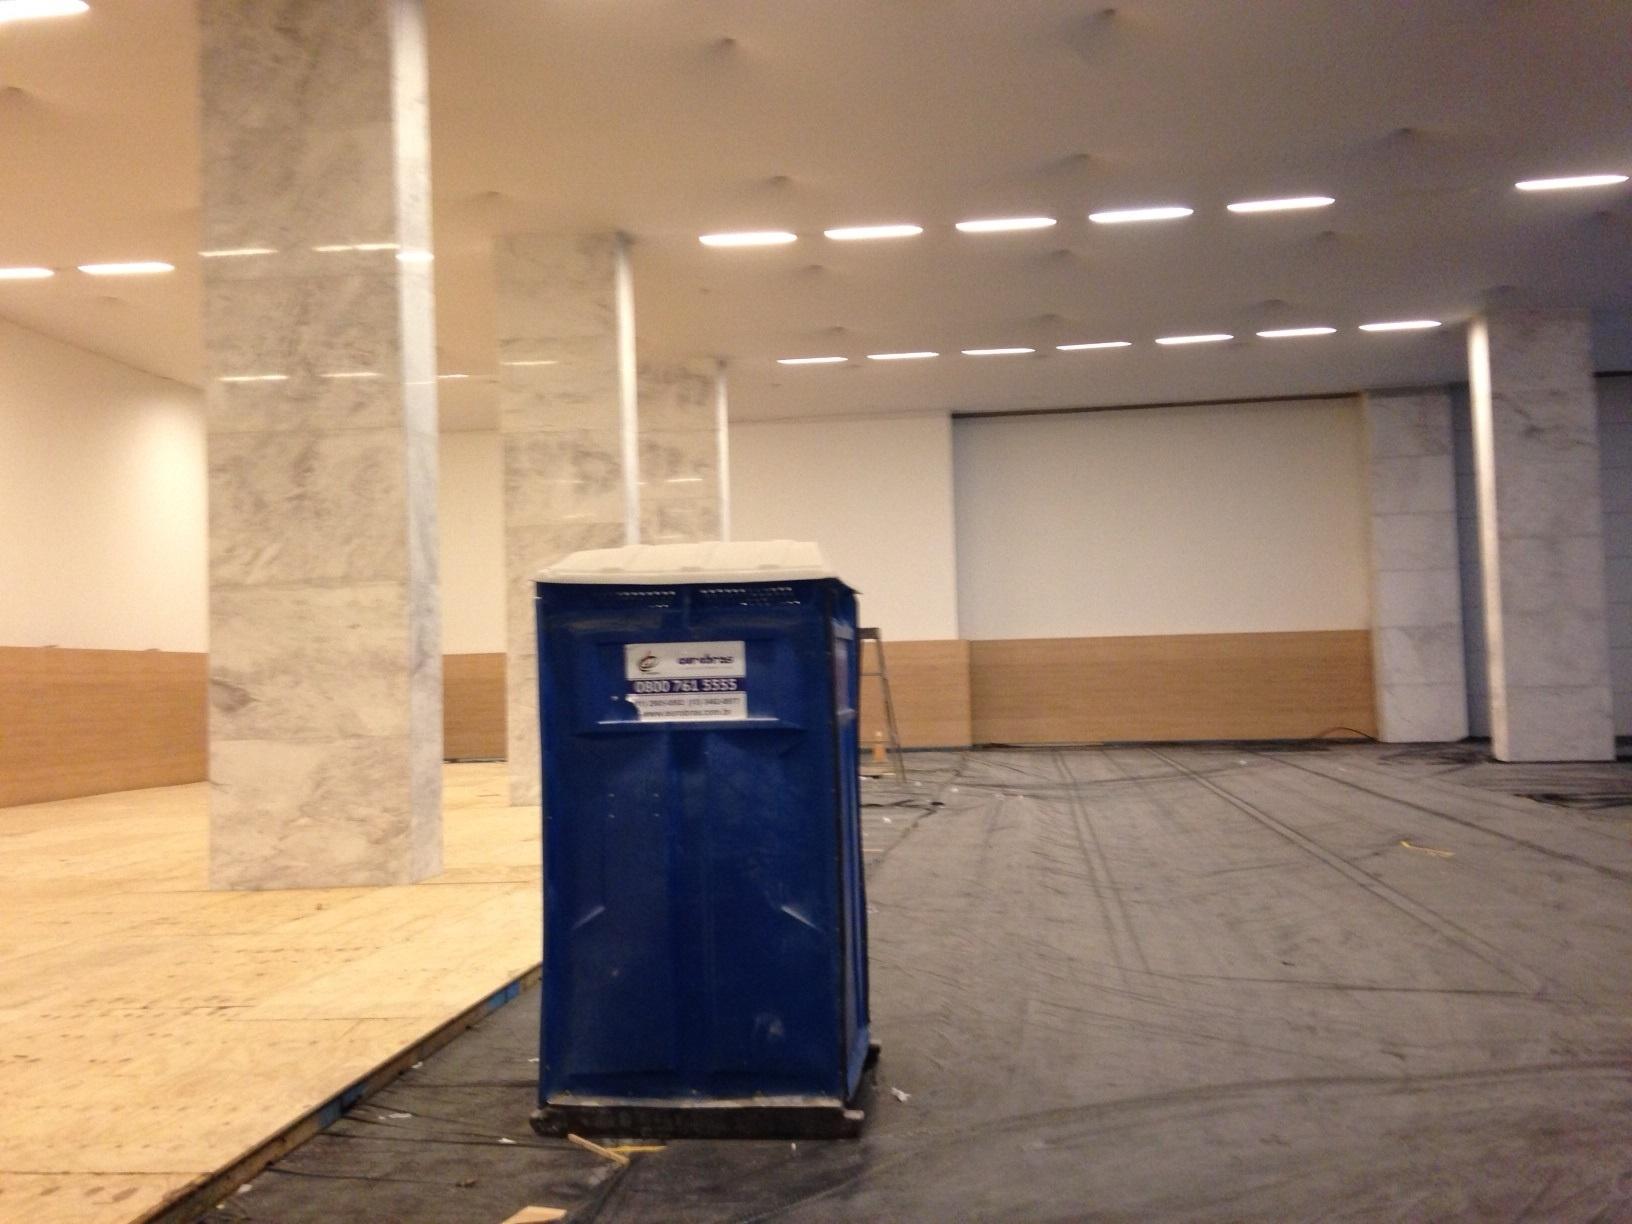 18.mai.2014 - Itaquerão foi inaugurado a menos de um mês da abertura da Copa, mas ainda tem uma série de elementos inacabados.